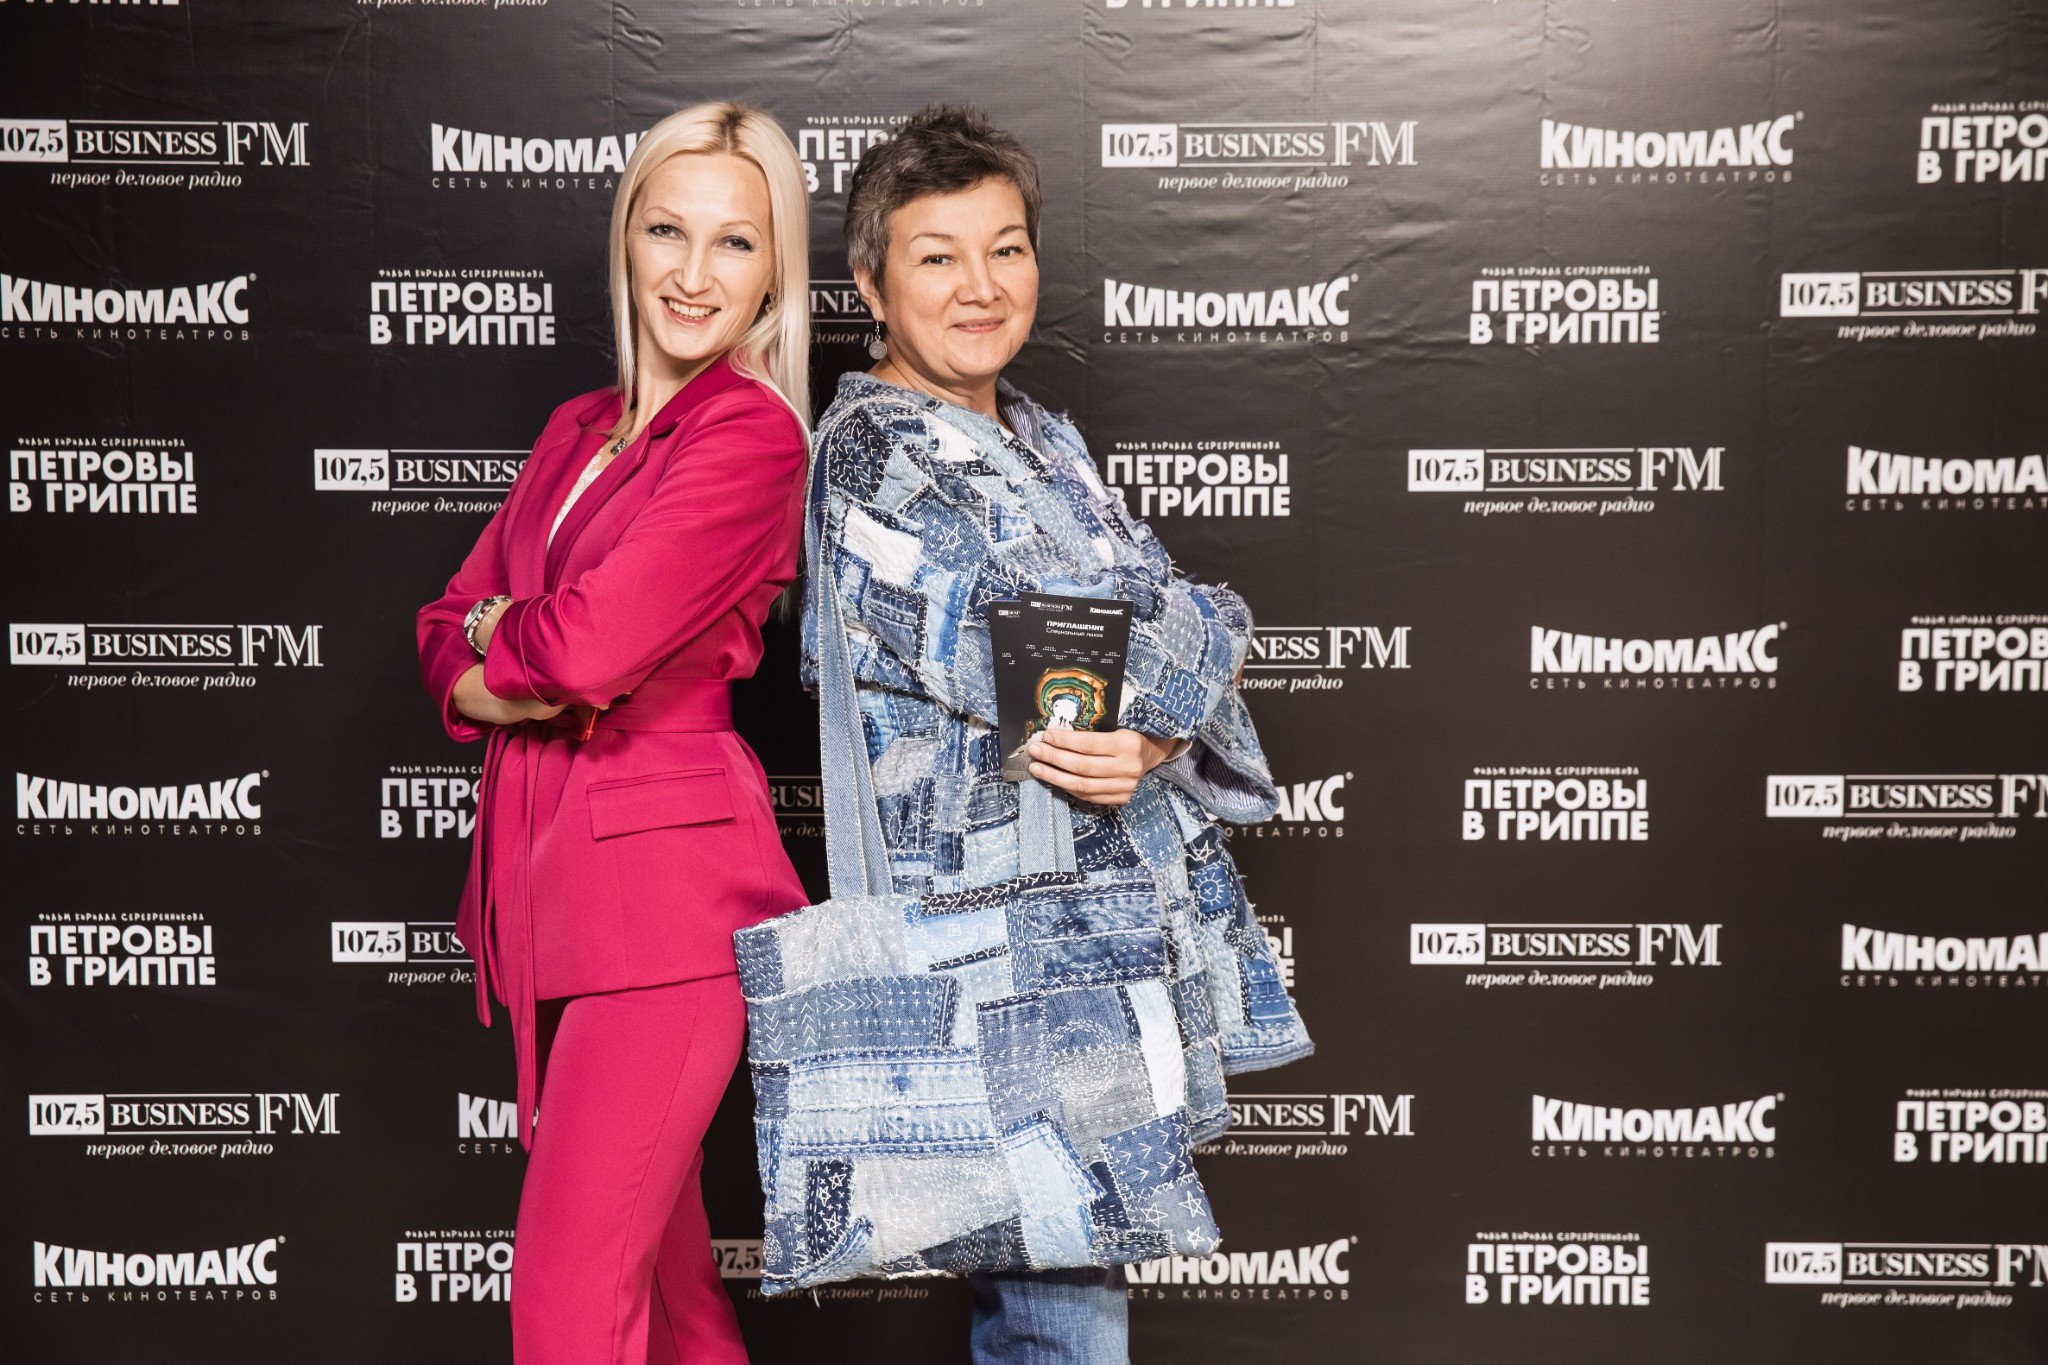 Сегодня в Уфе в массовый прокат выходит фильм Кирилла Серебренникова «Петровы в гриппе»